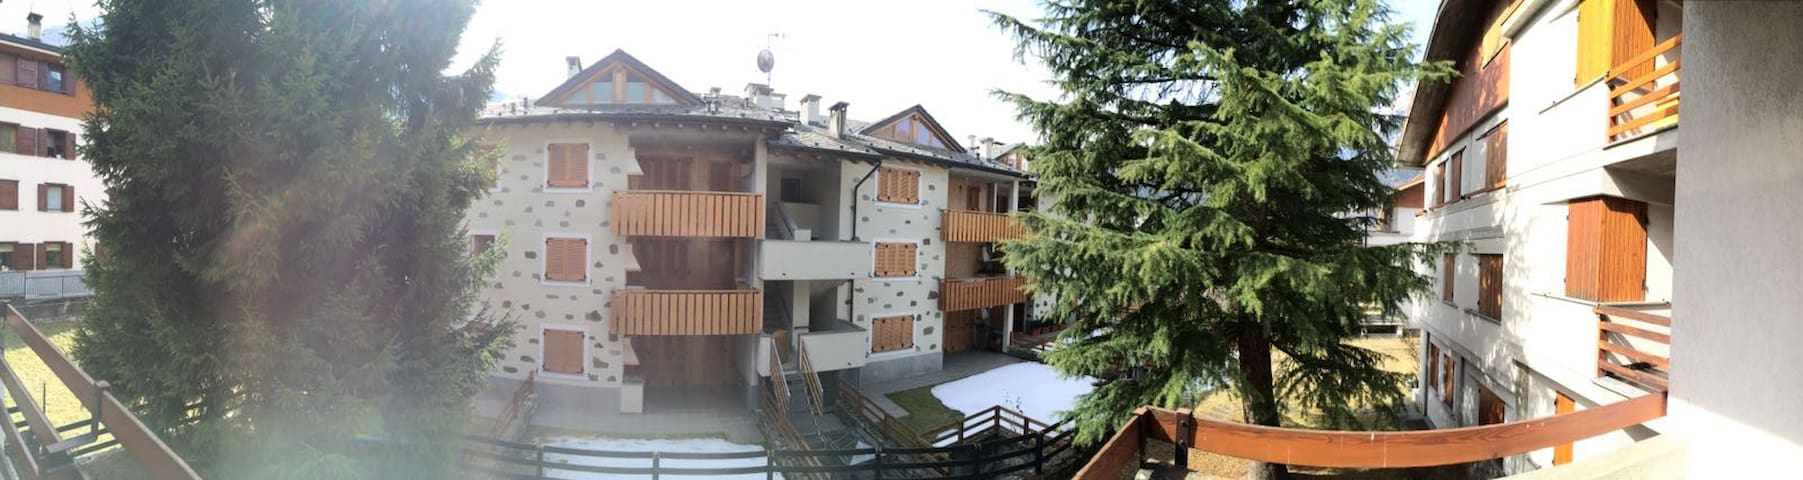 Ampio bilocale con terrazze - Caspoggio